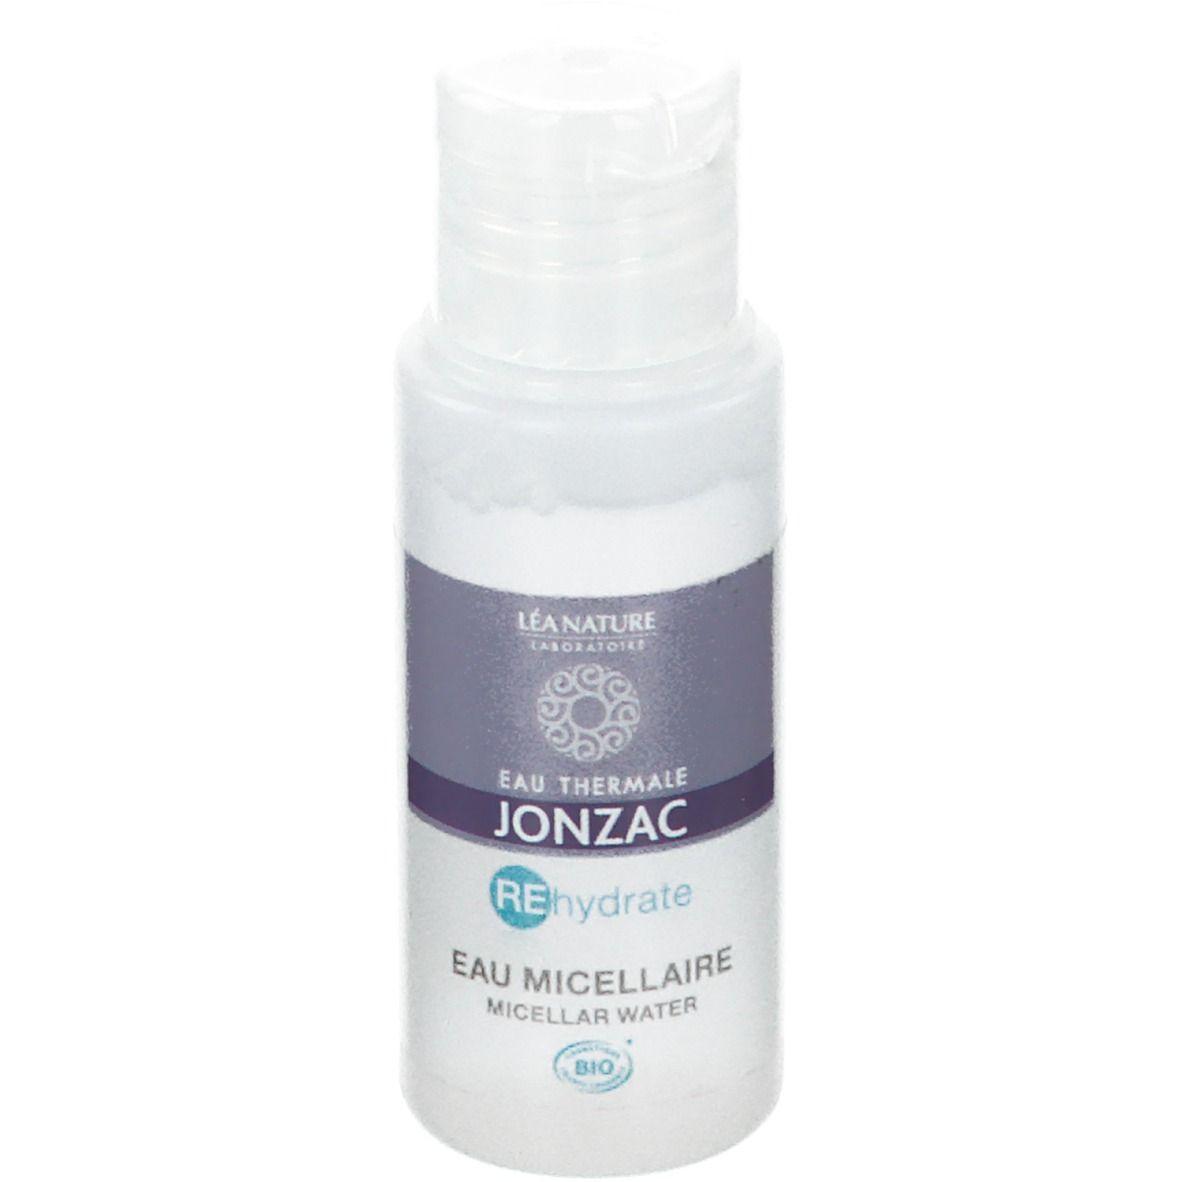 Eau Thermale Jonzac® Eau Thermale Jonzac REhydrate micellaire visage et yeux - mini ml eau pour le visage